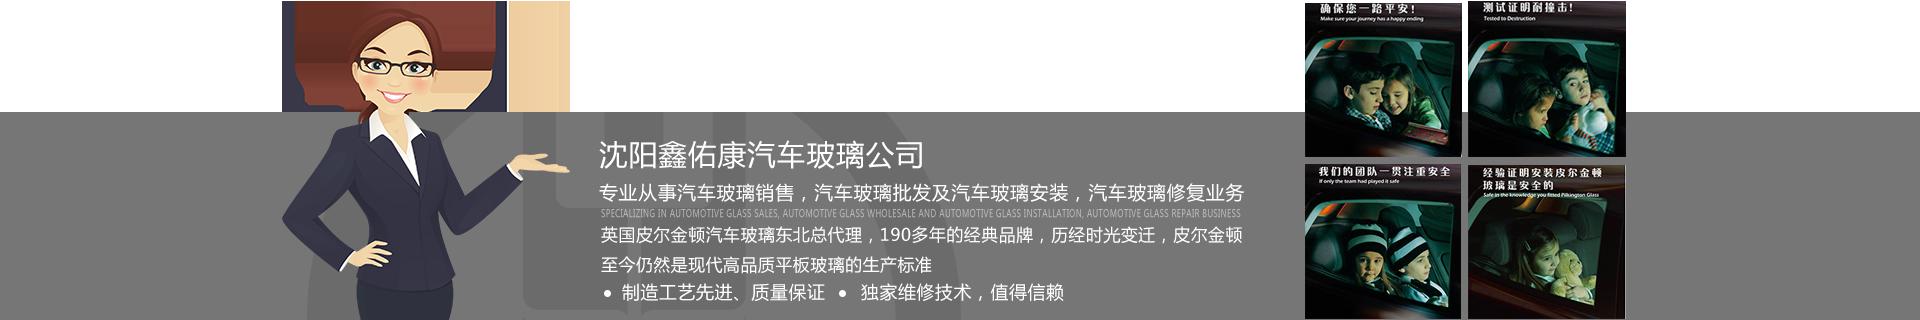 沈阳鑫佑康汽车玻璃公司是专业从事沈阳汽车玻璃,沈阳汽车玻璃更换,汽车玻璃修复修补等业务的公司